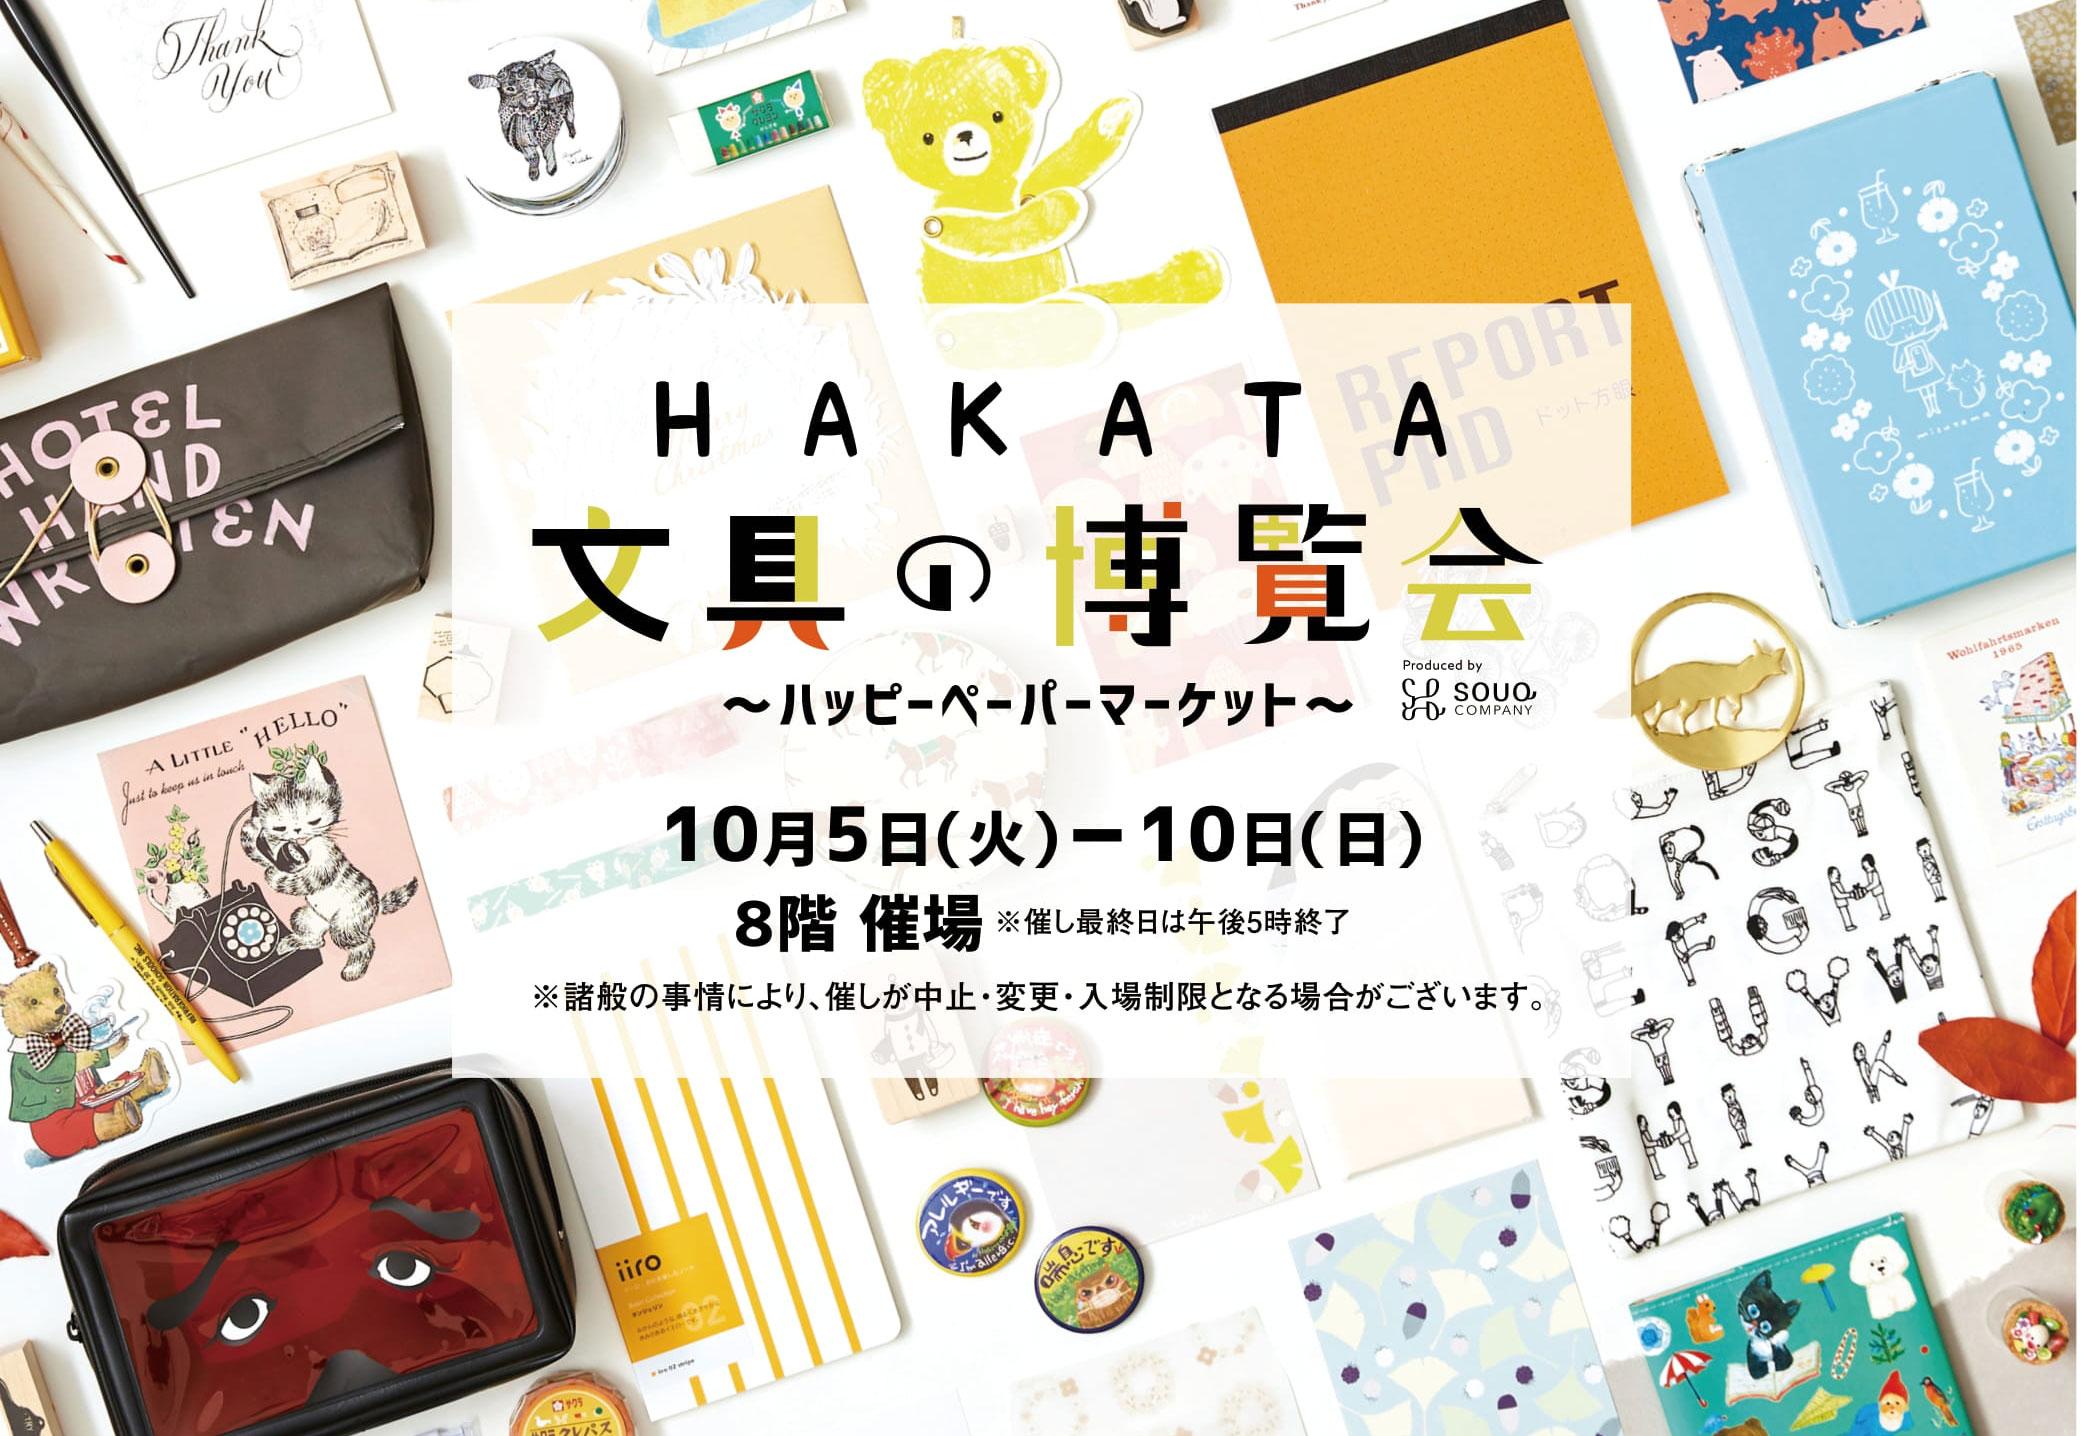 HAKATA文具の博覧会に出店します!